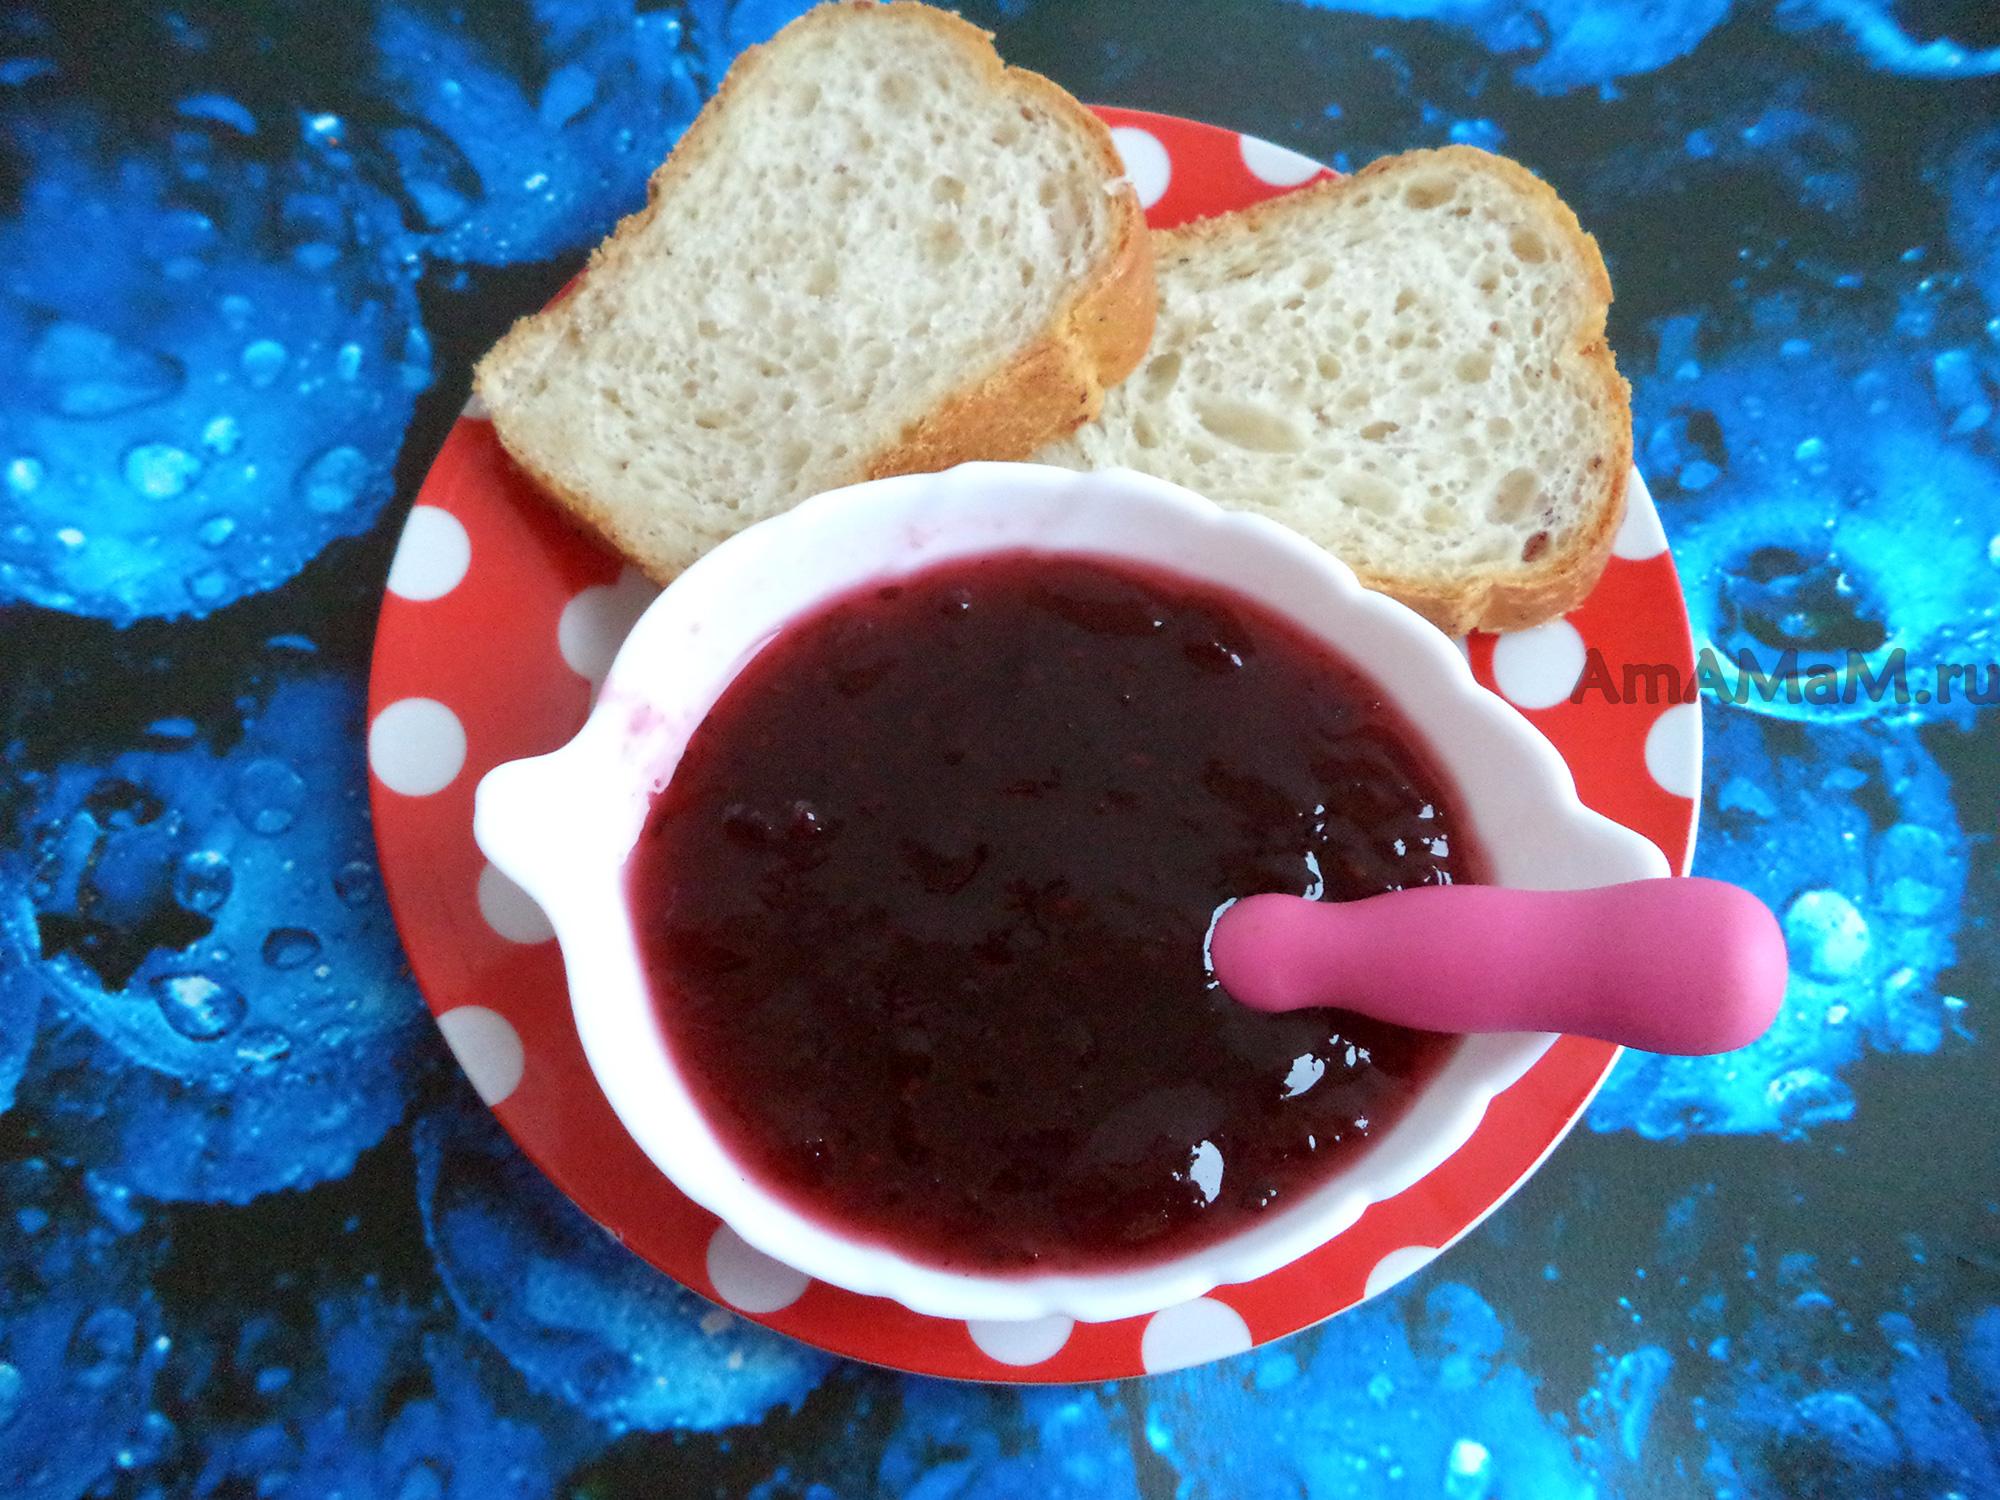 заготовки из арбузного сока на зиму рецепты с фото